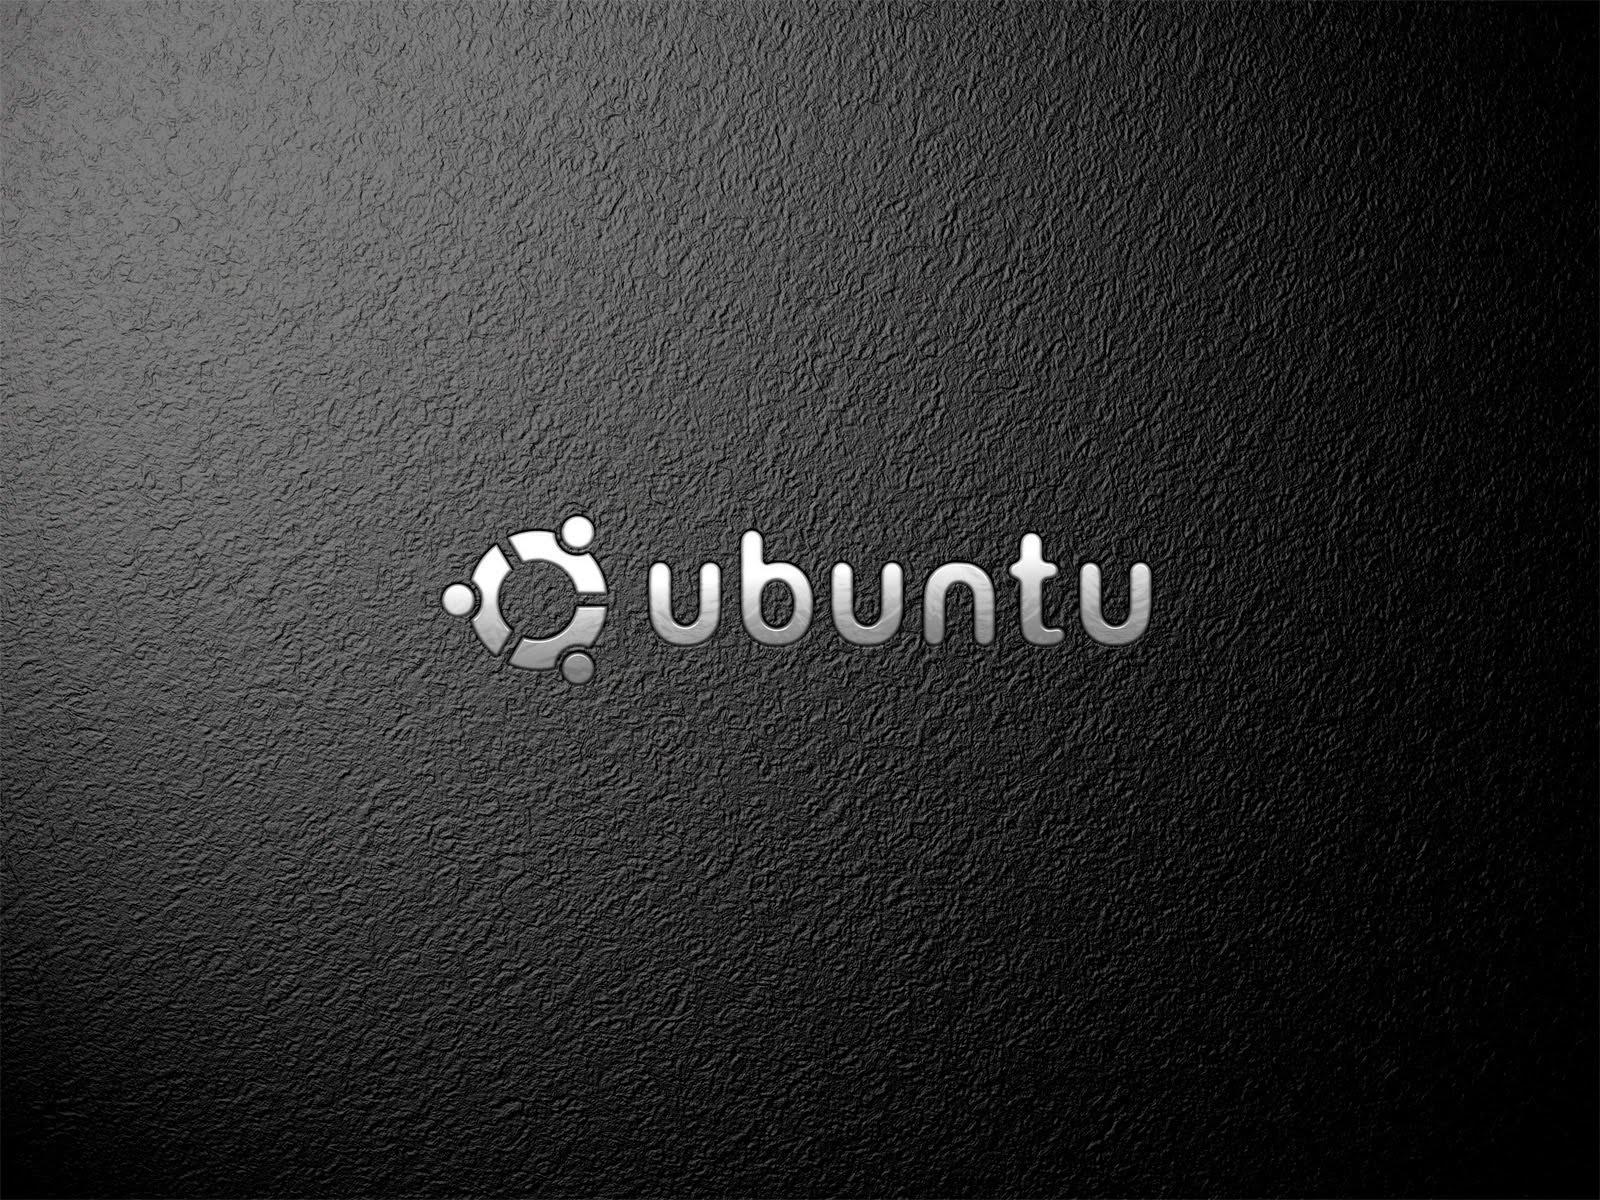 Ubuntu Wallpapers 21 1600x1200